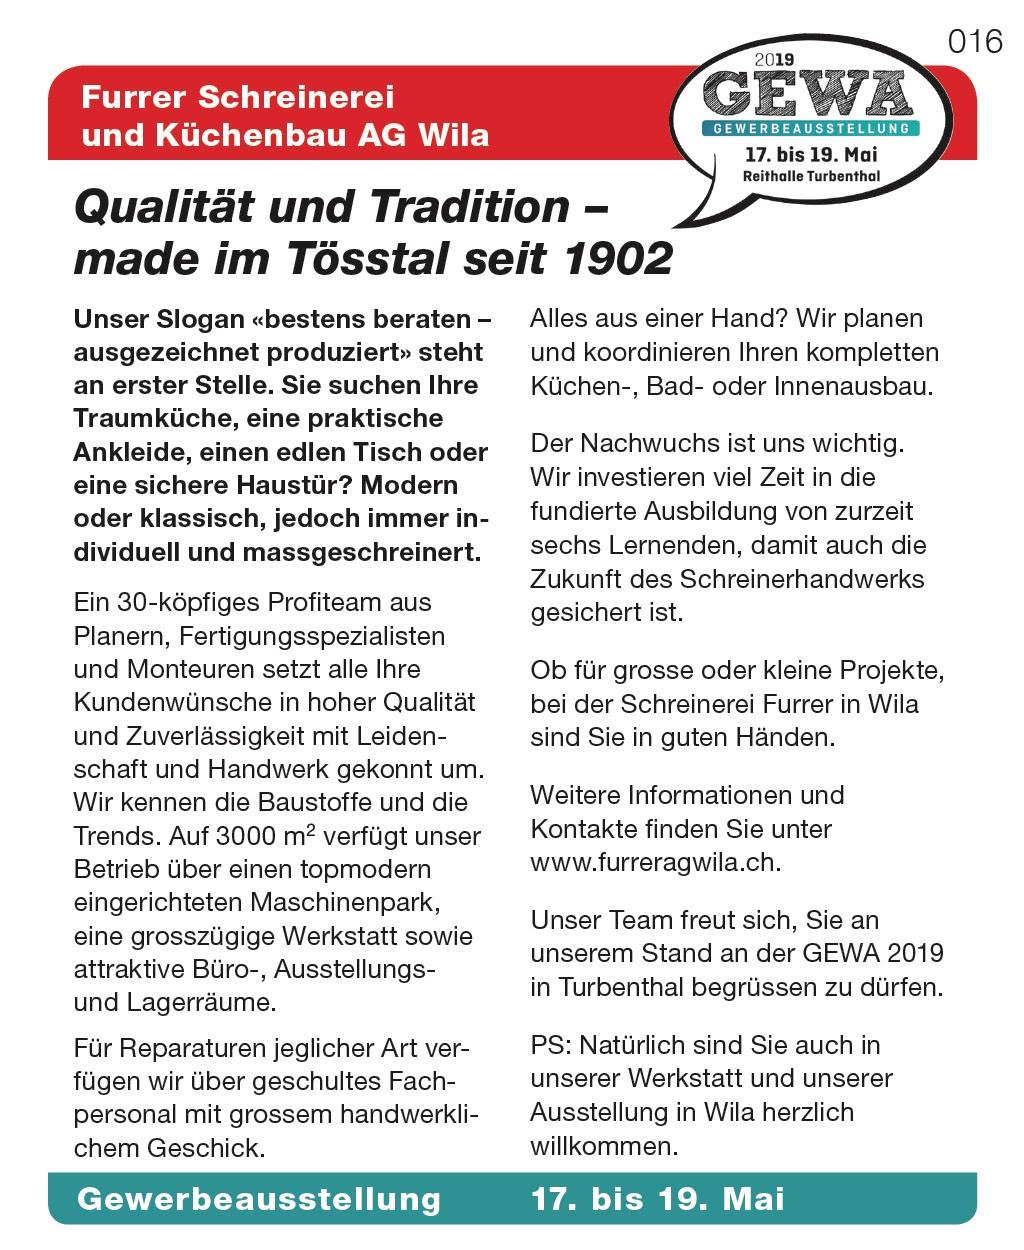 Furrer Schreinerei und Küchenbau AG wila